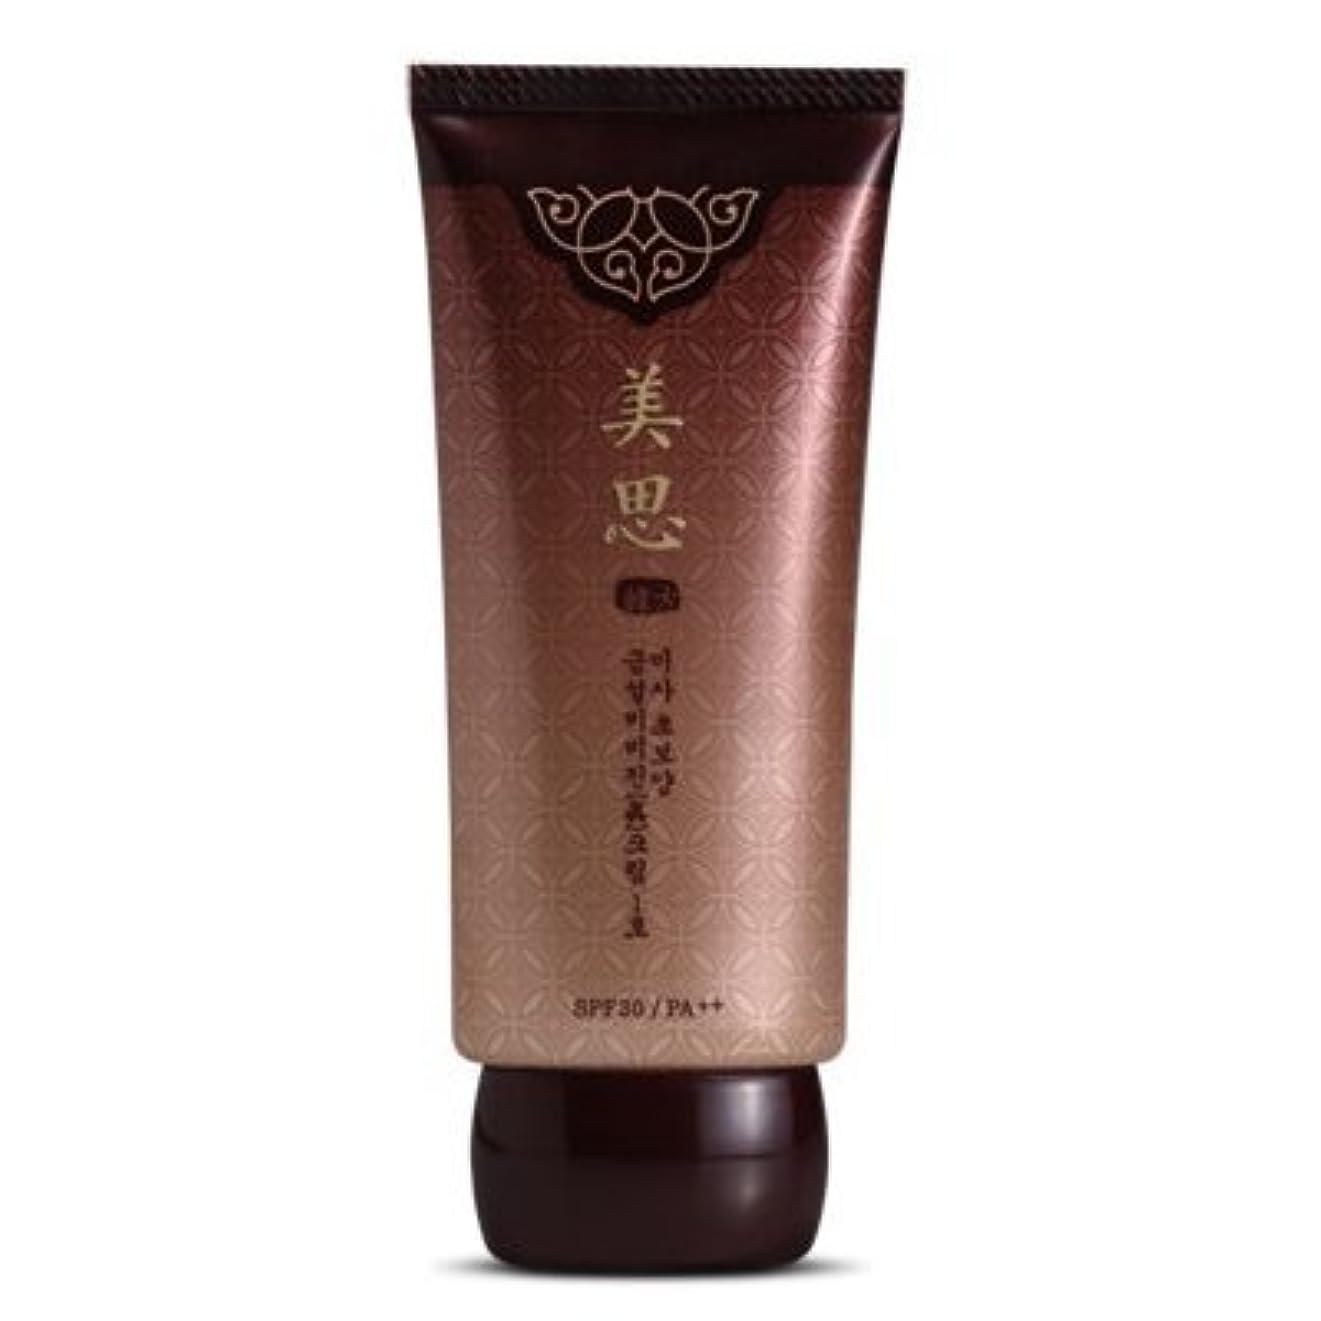 外交官再集計雇った【MISSHA (ミシャ)】 Cho Bo Yang BB Cream チョボヤン BBクリーム No.2 (ナチュラル ベージュ)